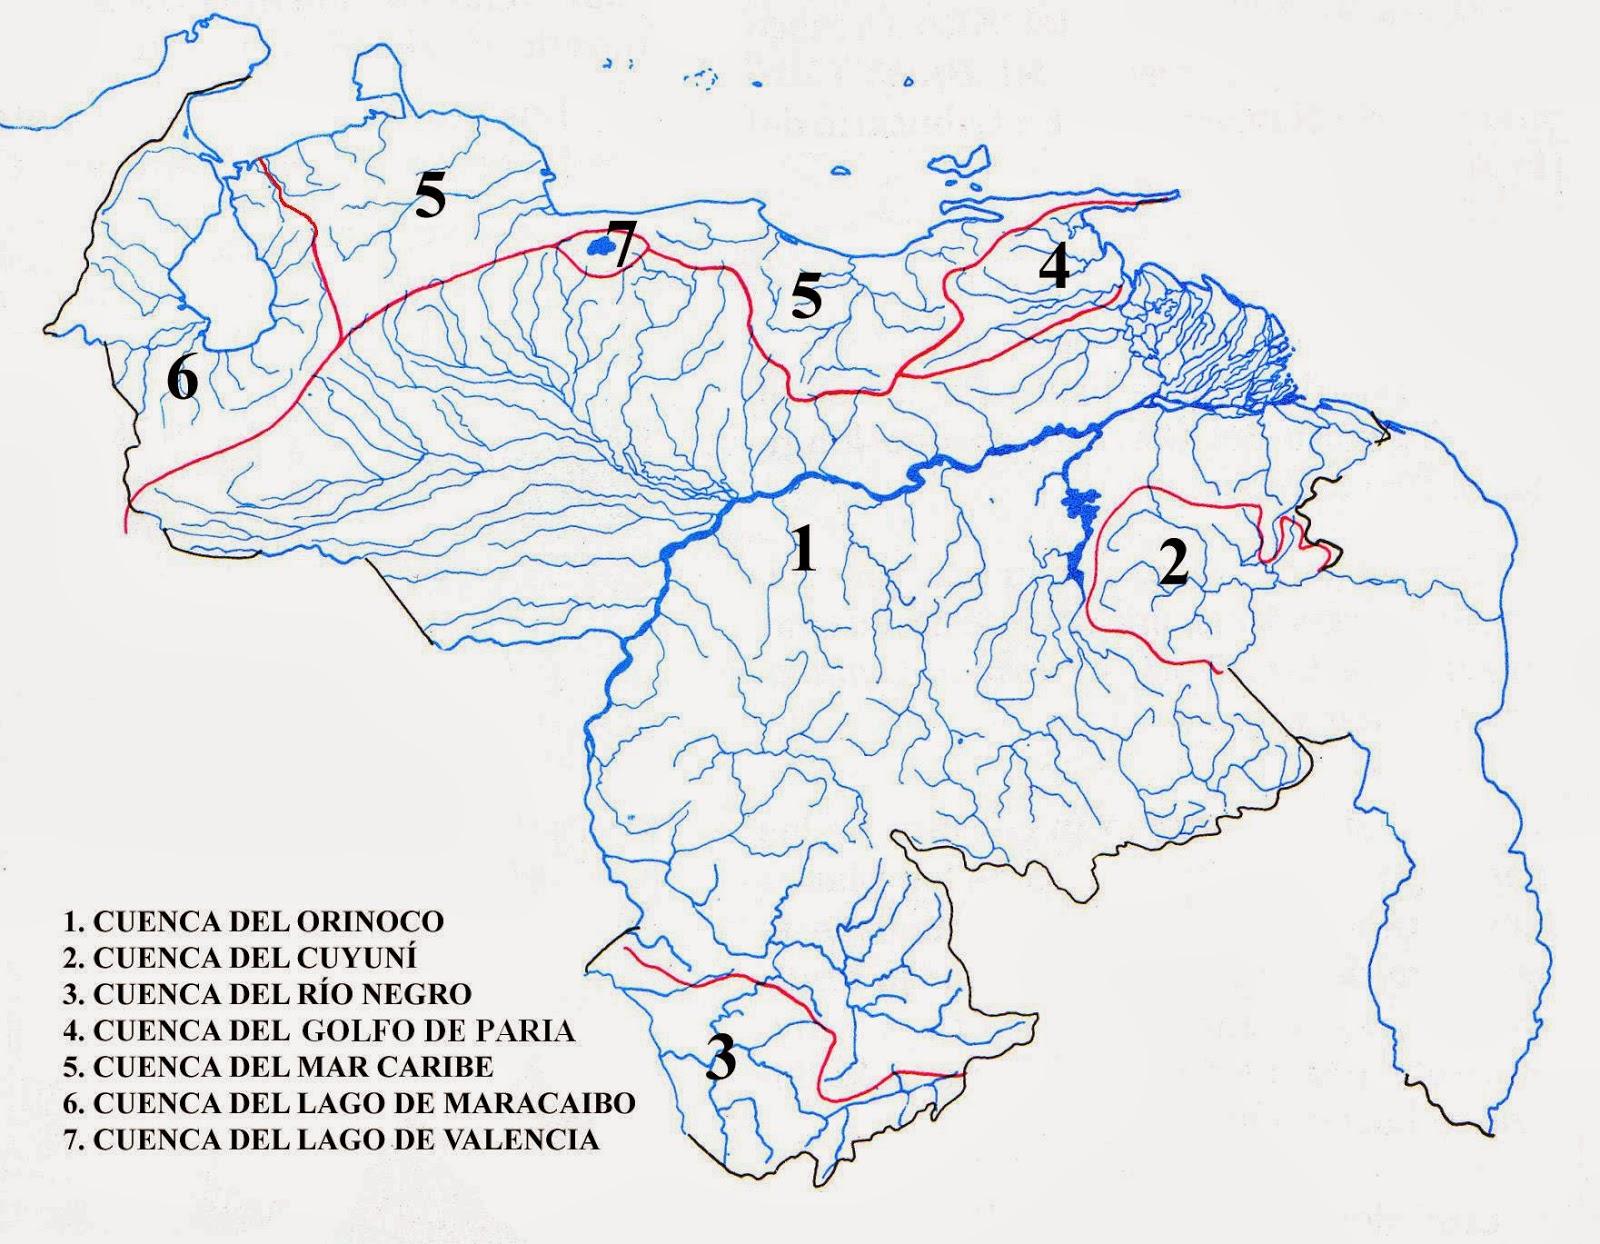 Rio orinoco mapa rio orinoco en croquis de colombia images download cv altavistaventures Choice Image